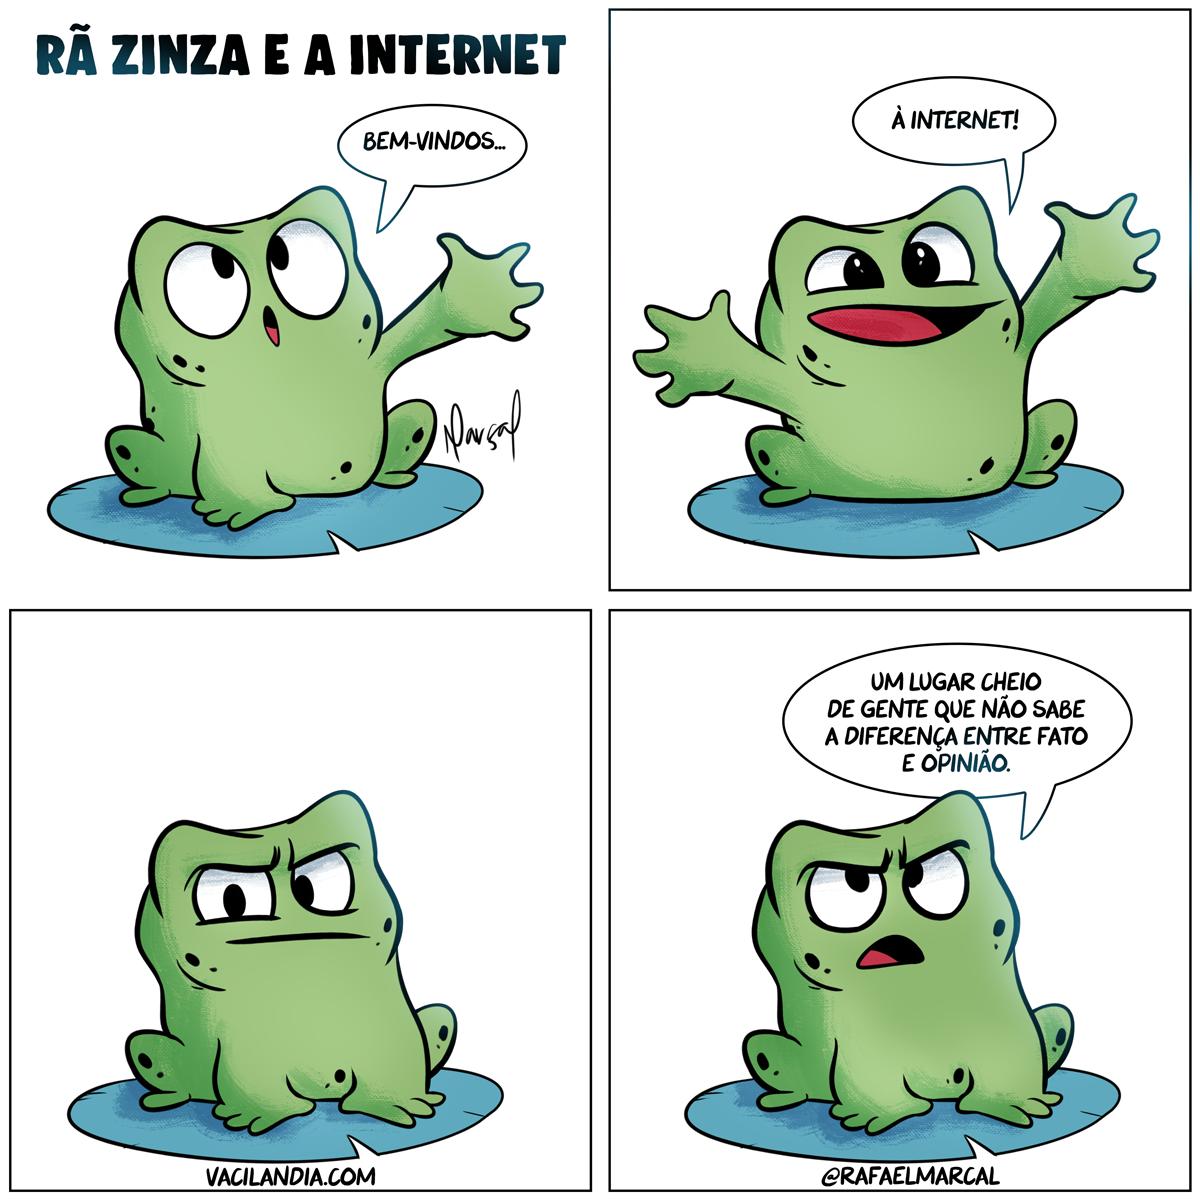 Rã Zinza e a Internet | tirinhas, tirinha, rã zinza, quadrinhos, polêmica, pessoas, opiniões, opinião, mau humor, internet, humor, fatos, fato, comédia